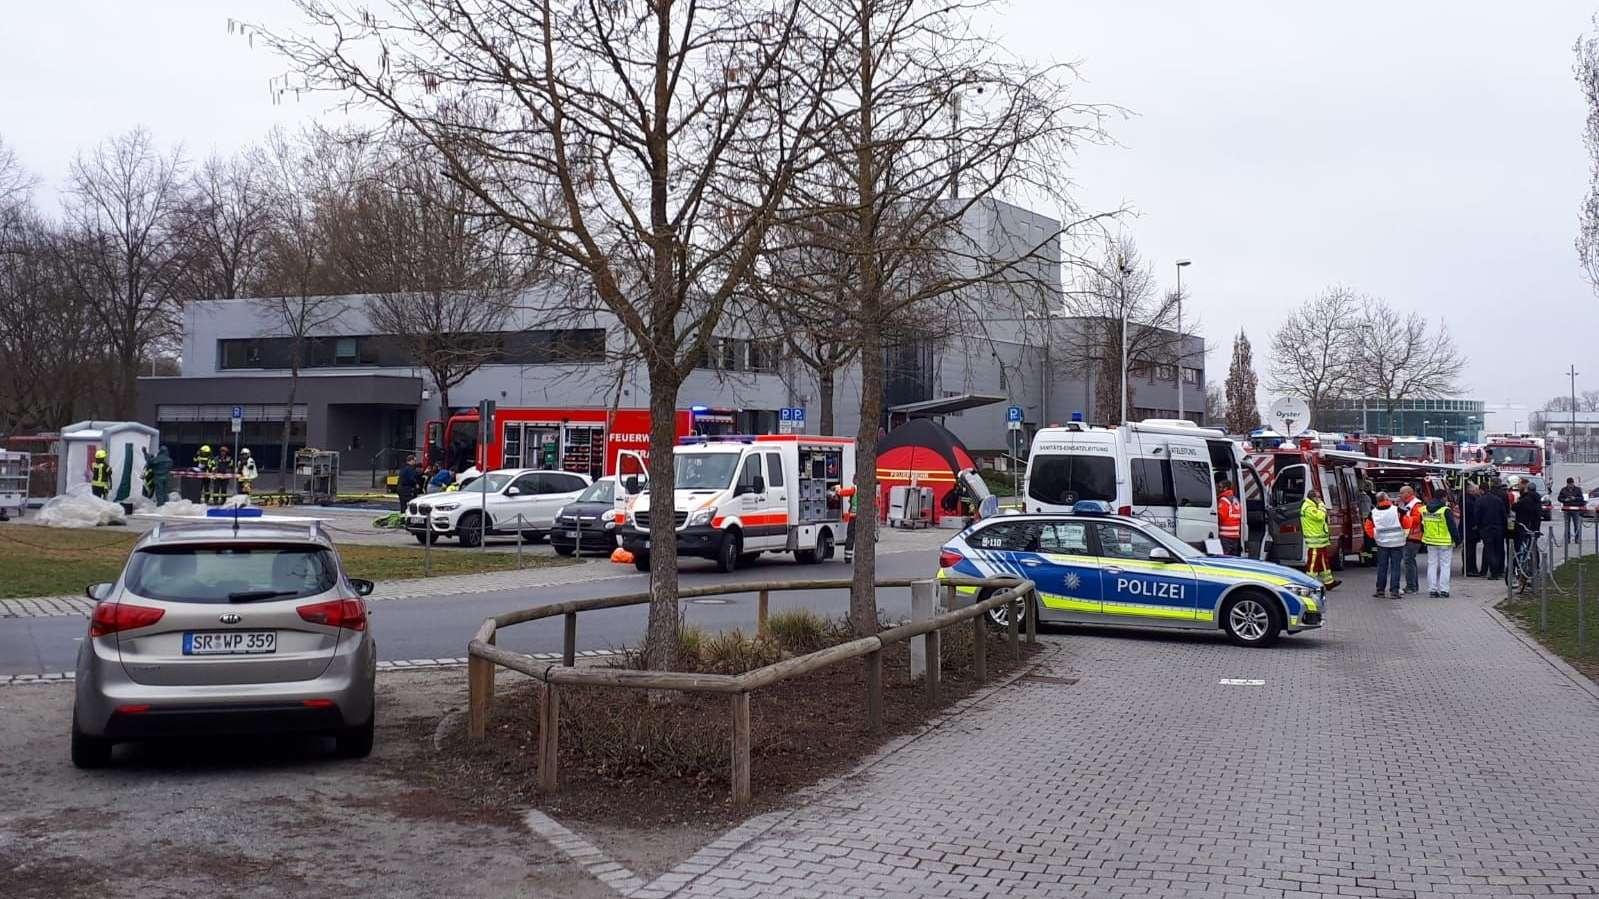 Die Polizei musste viele Straßen rund um das Stadion absperren, damit die Einsatzkräfte arbeiten können.